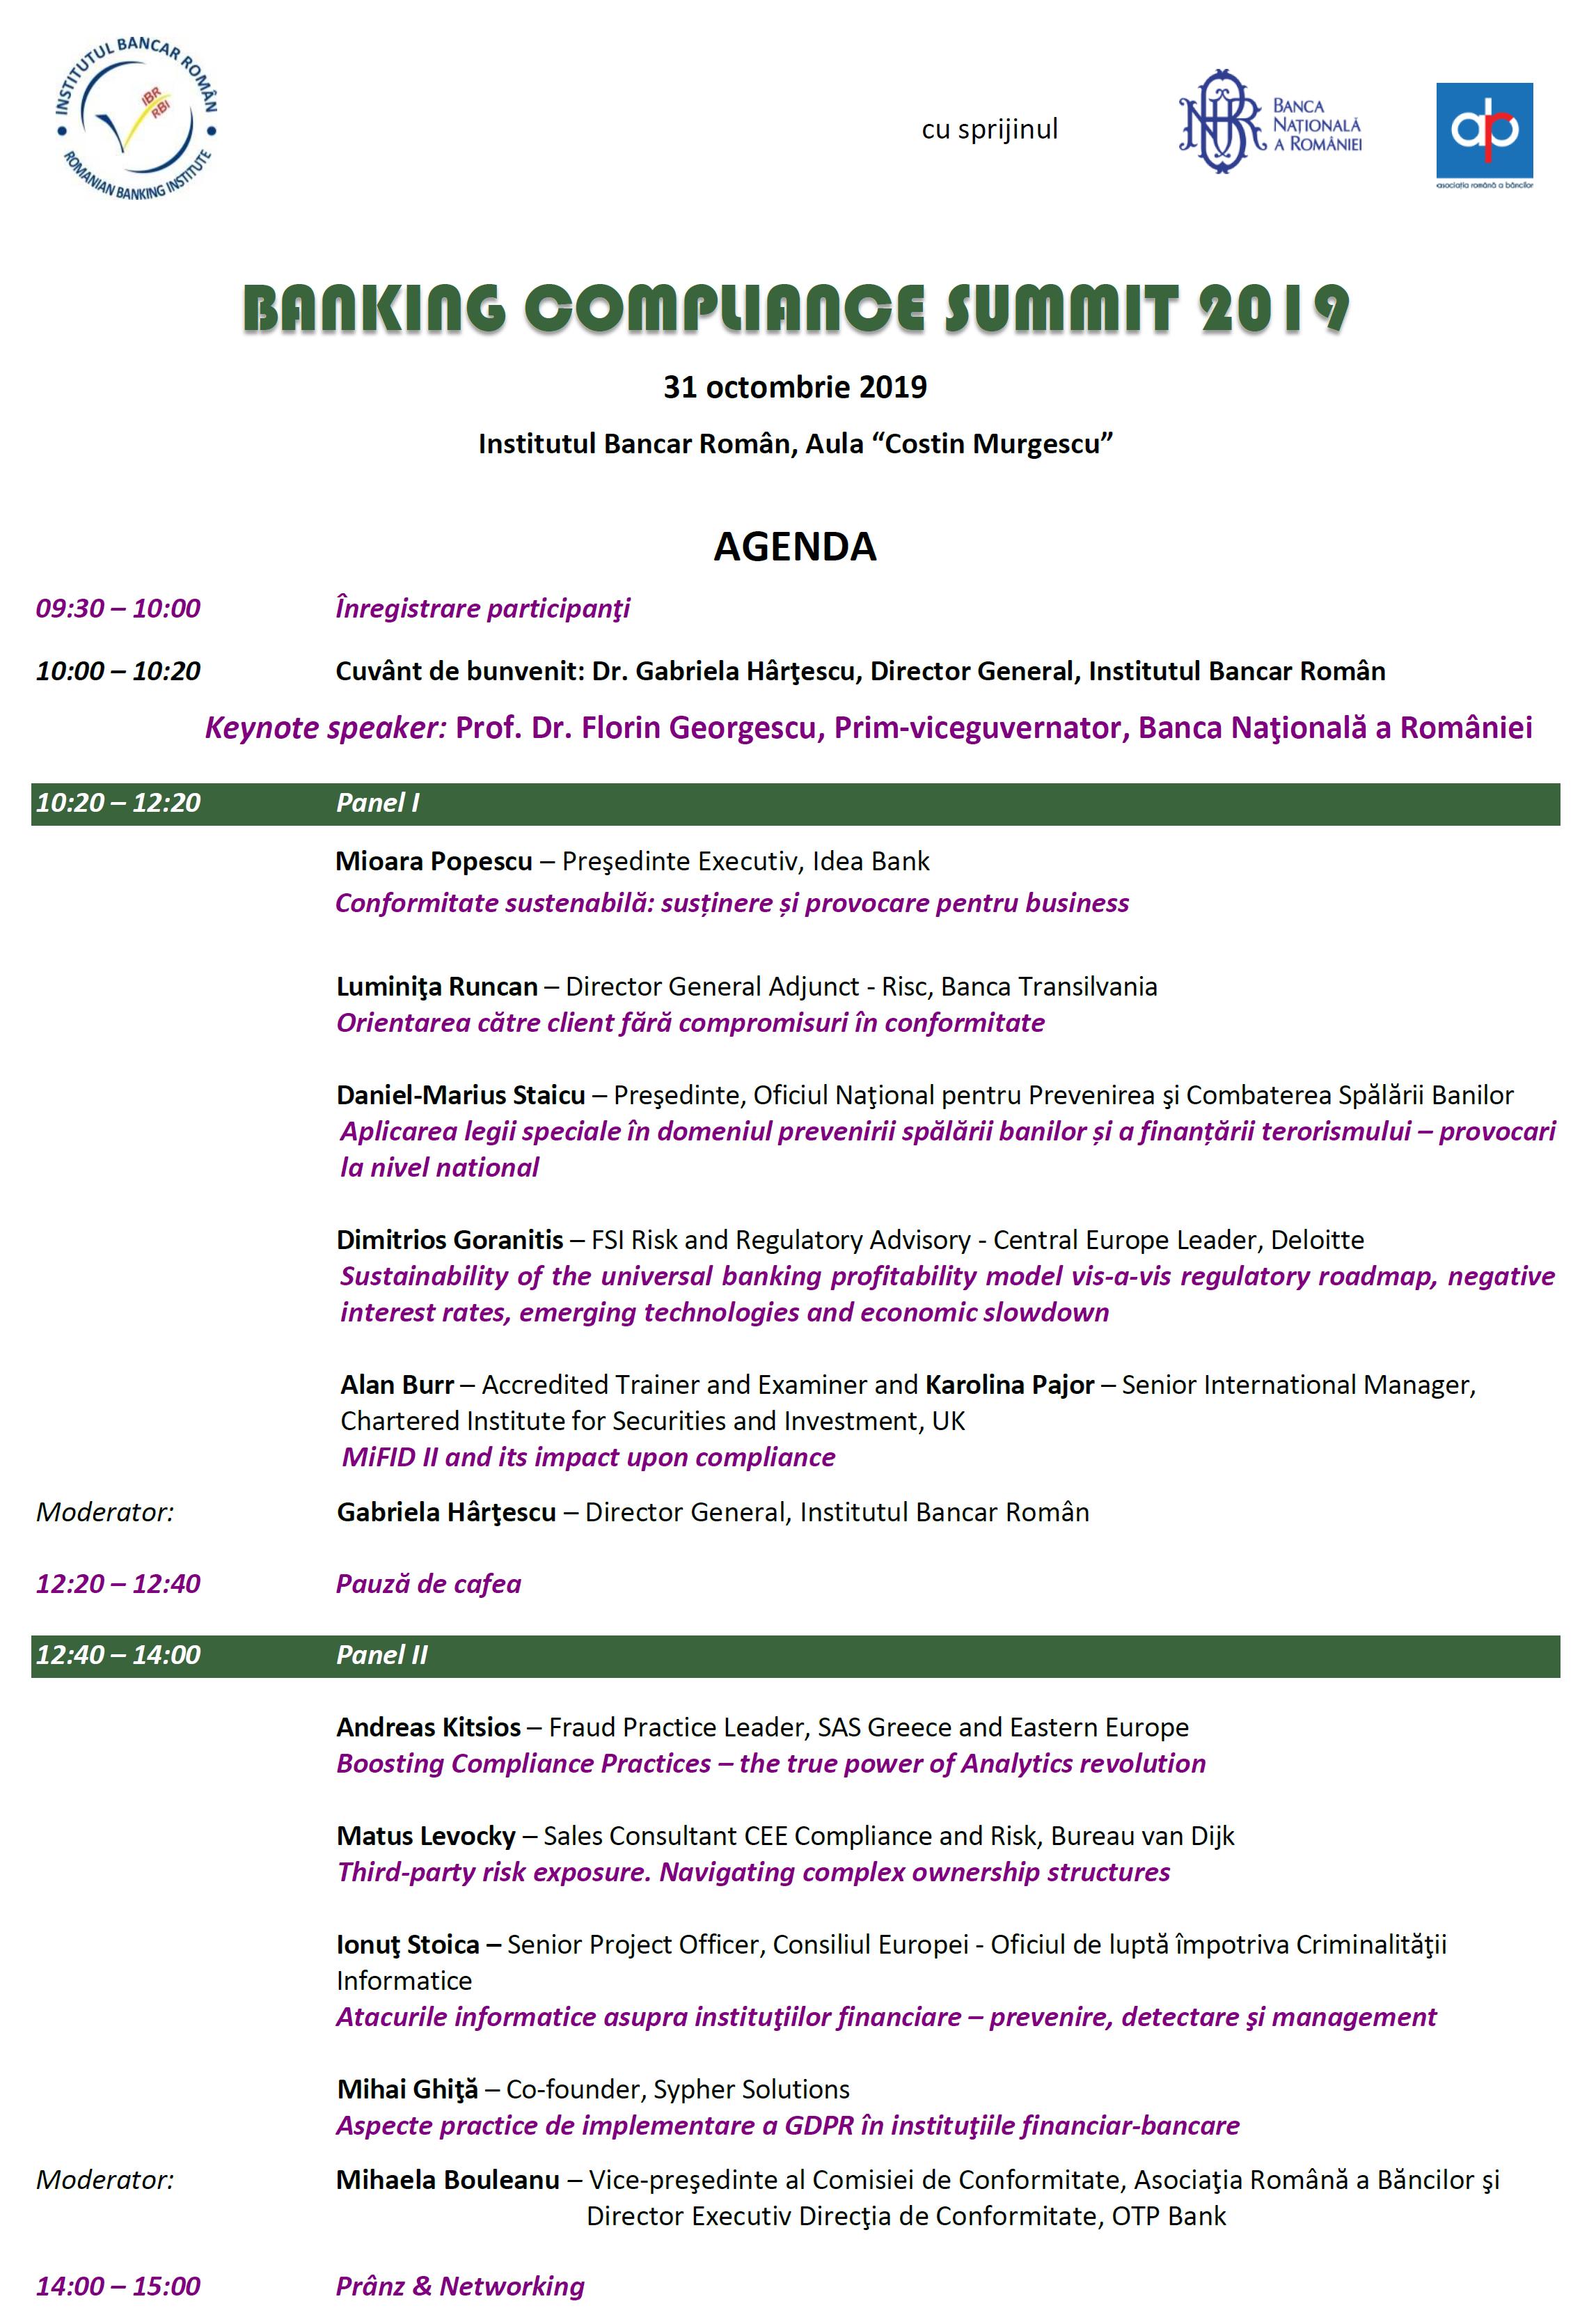 Agenda BCS 2019